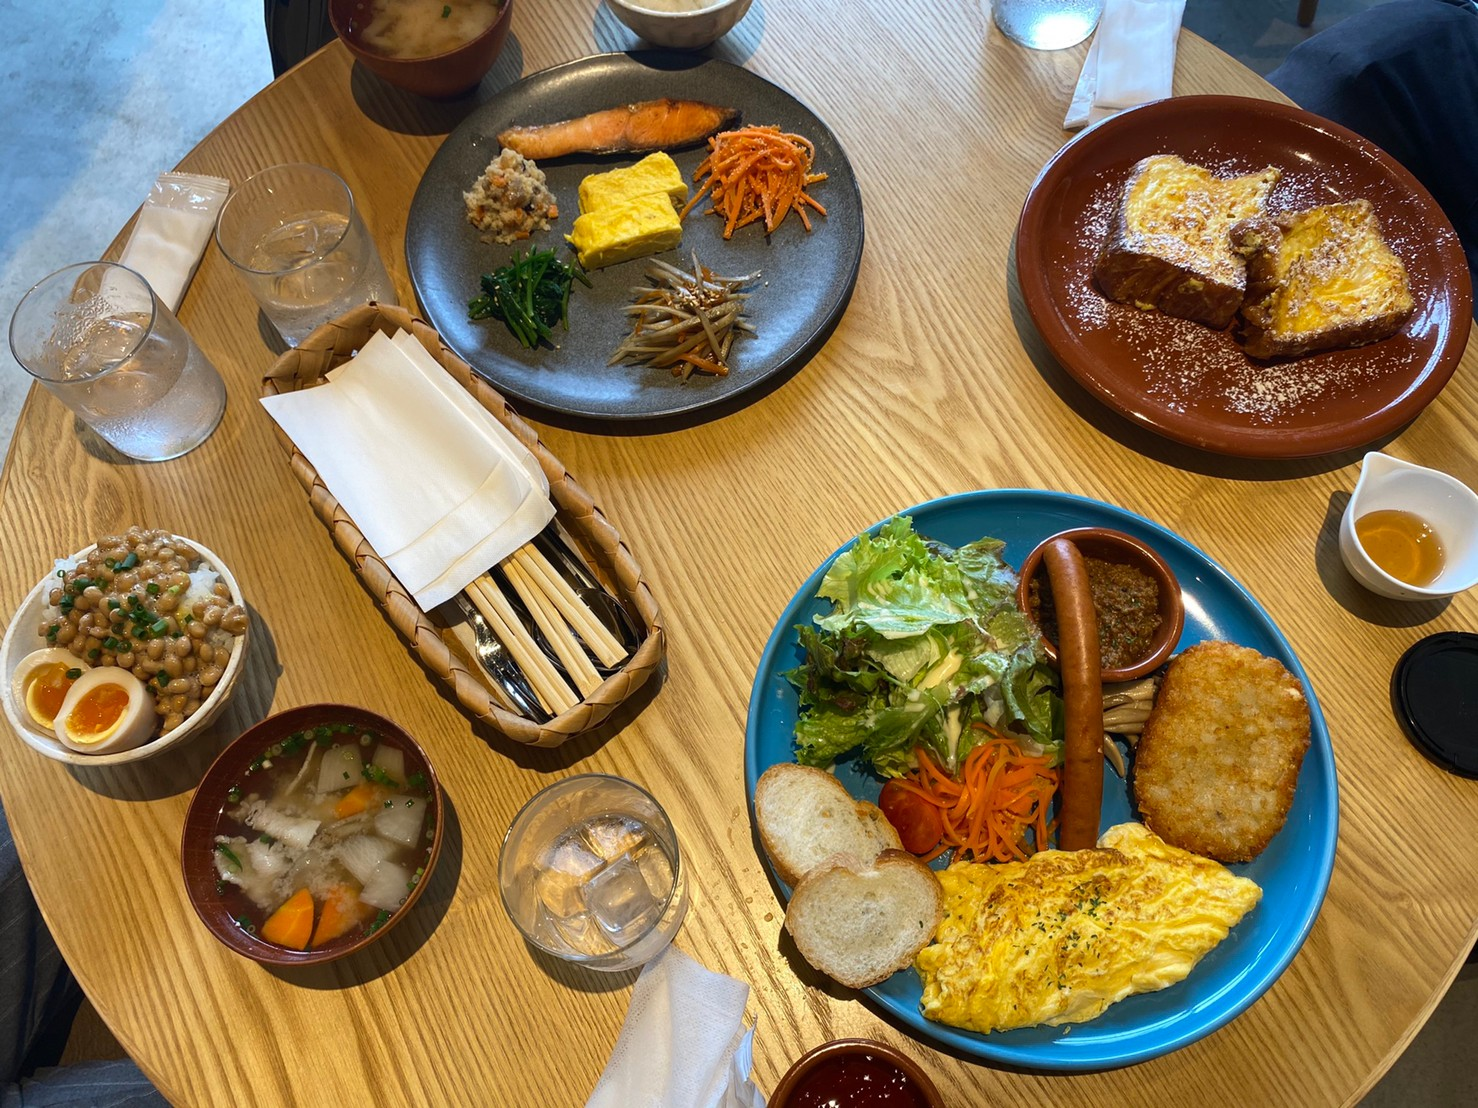 尼ヶ坂|あなたはご飯派?パン派?何派でも満足できる、種類豊富なモーニングがあるおしゃれカフェ